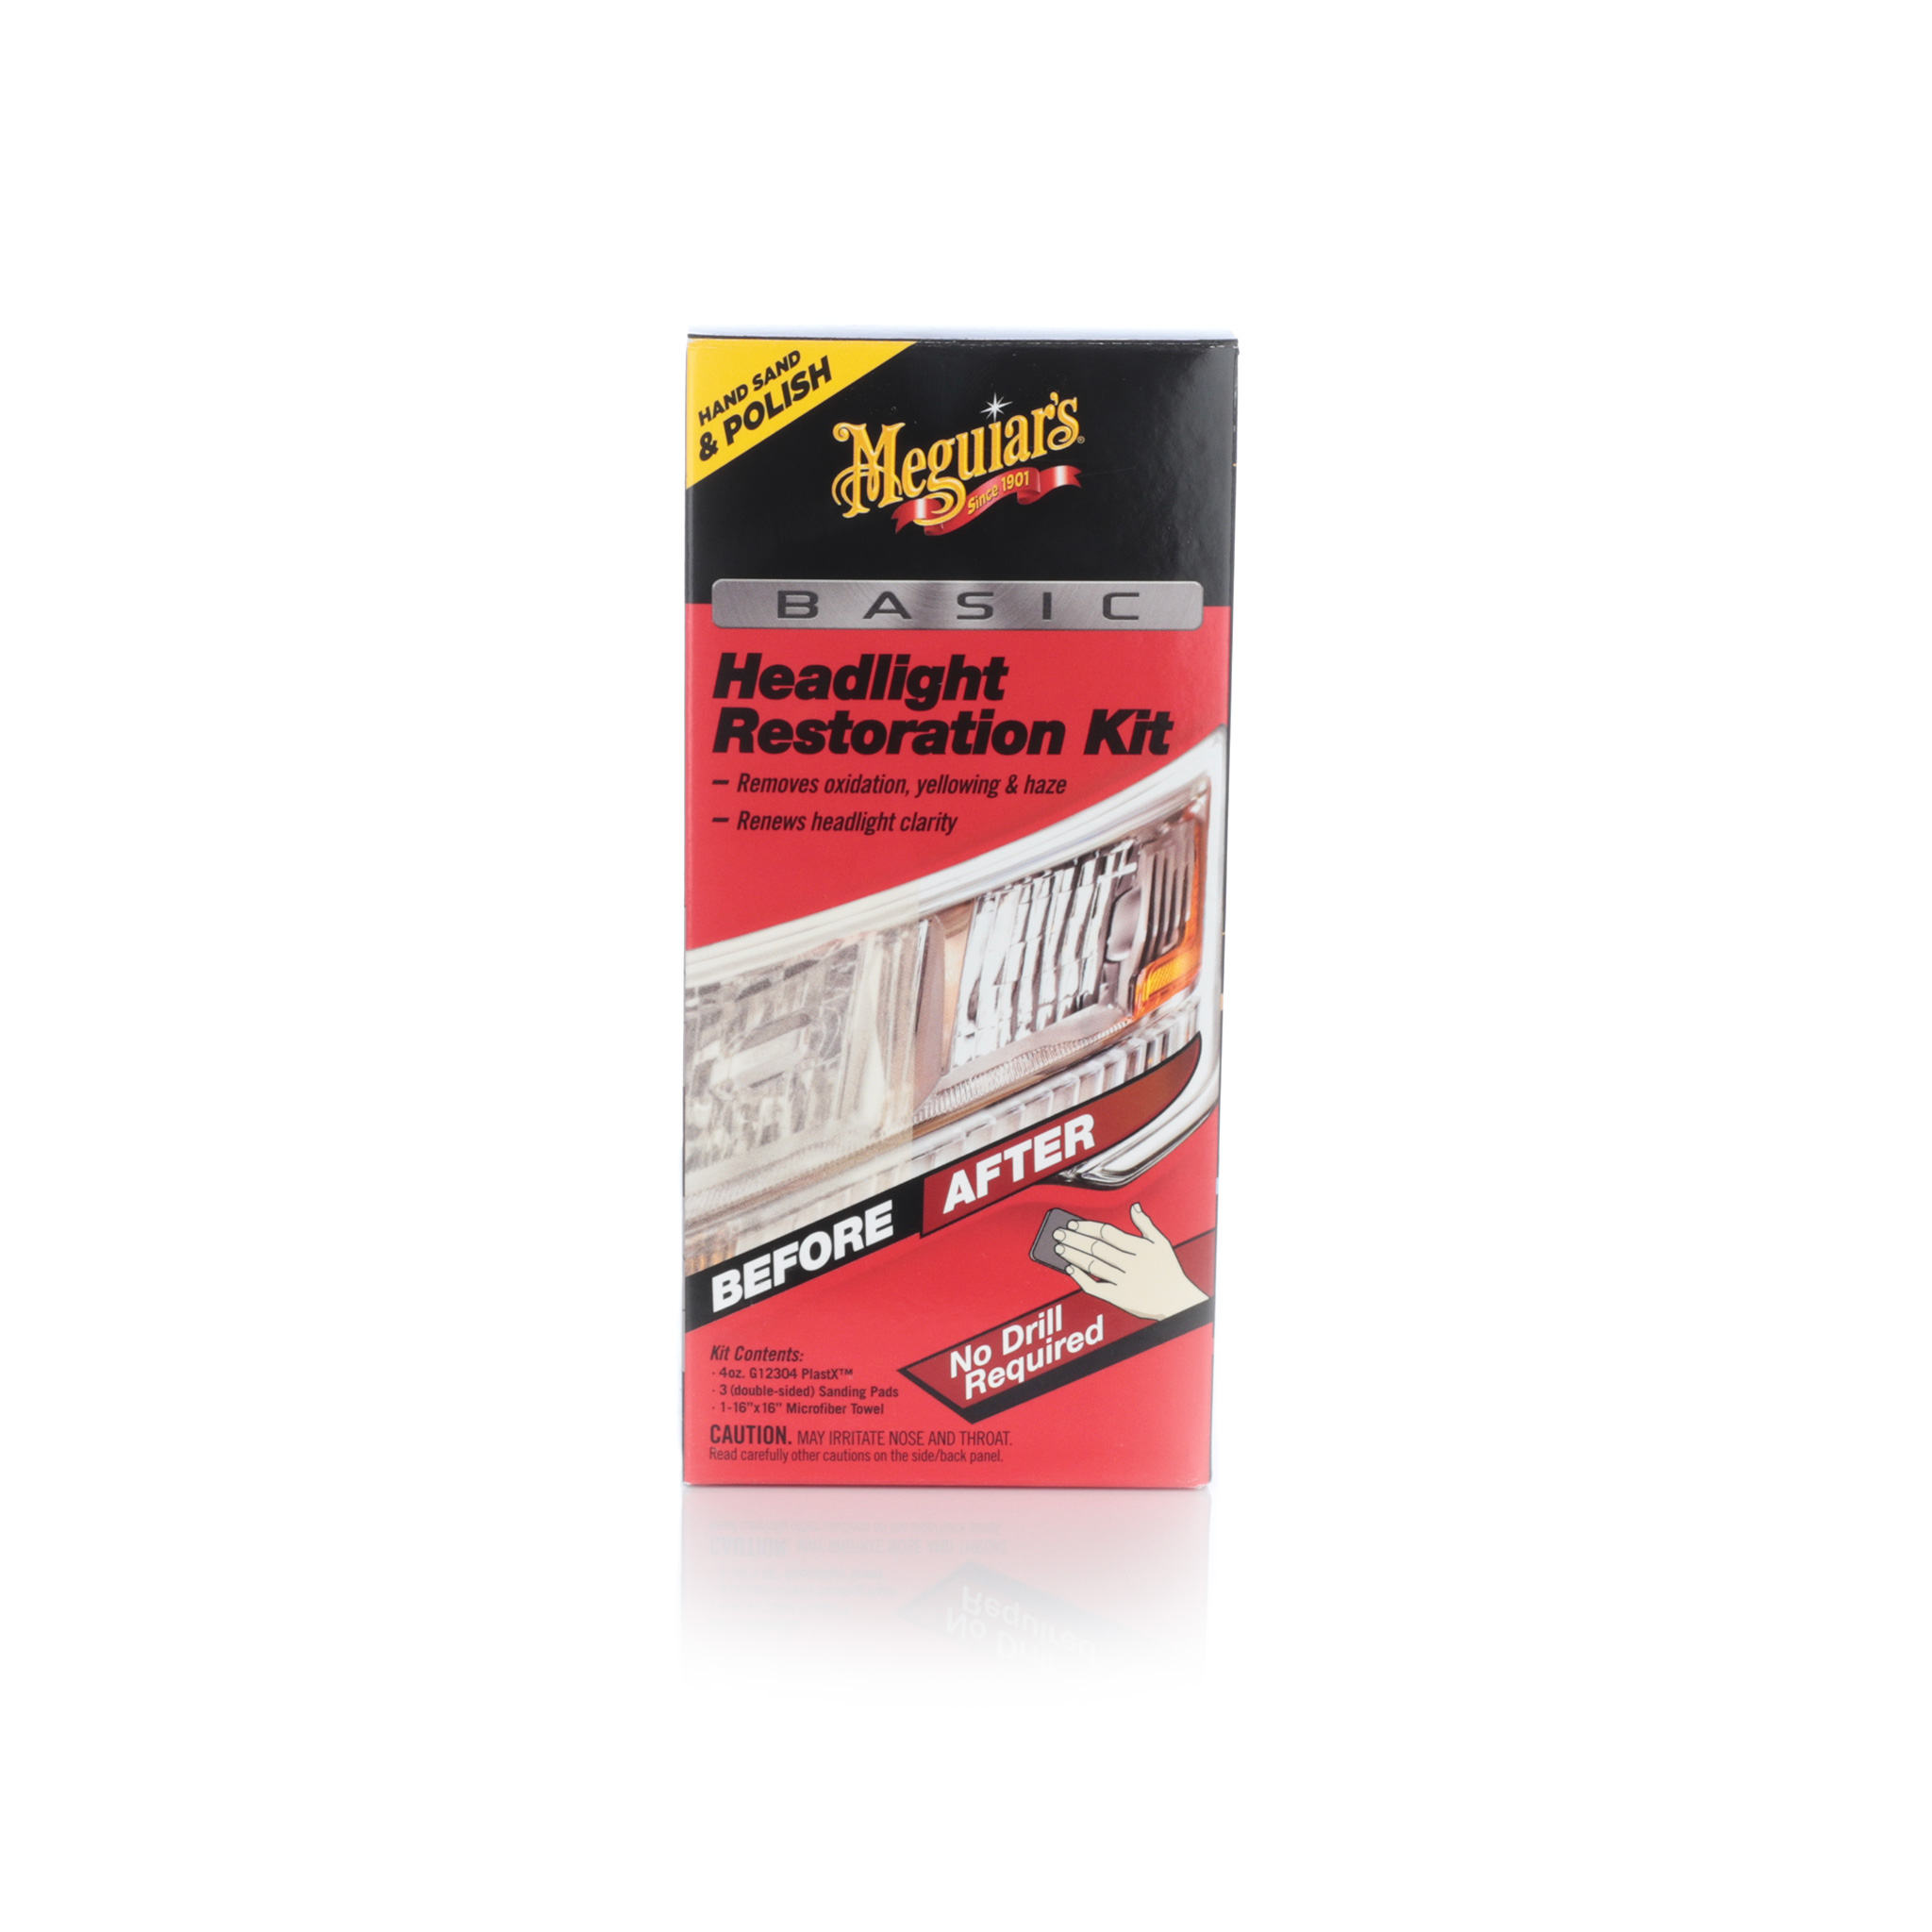 Poleringssats strålkastare Meguiars Headlight Restoration Kit Basic